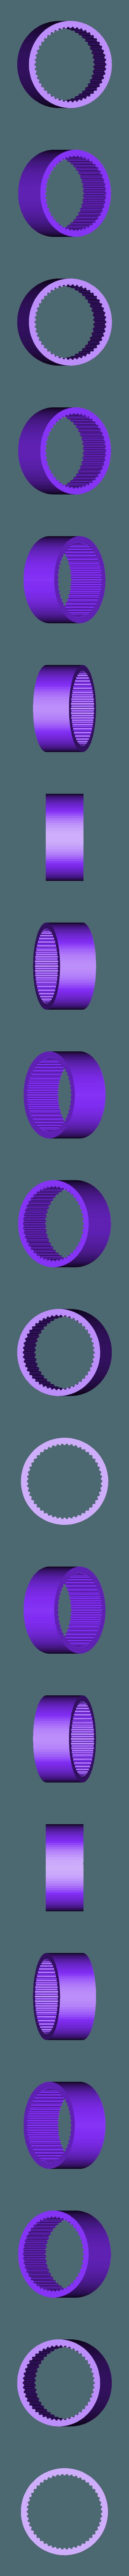 Nema 17 sundavak v1.stl Télécharger fichier STL gratuit Moteur Prusa d'origine - Rotor à étrier - Rotor de protection lors du démontage • Objet imprimable en 3D, fidak45